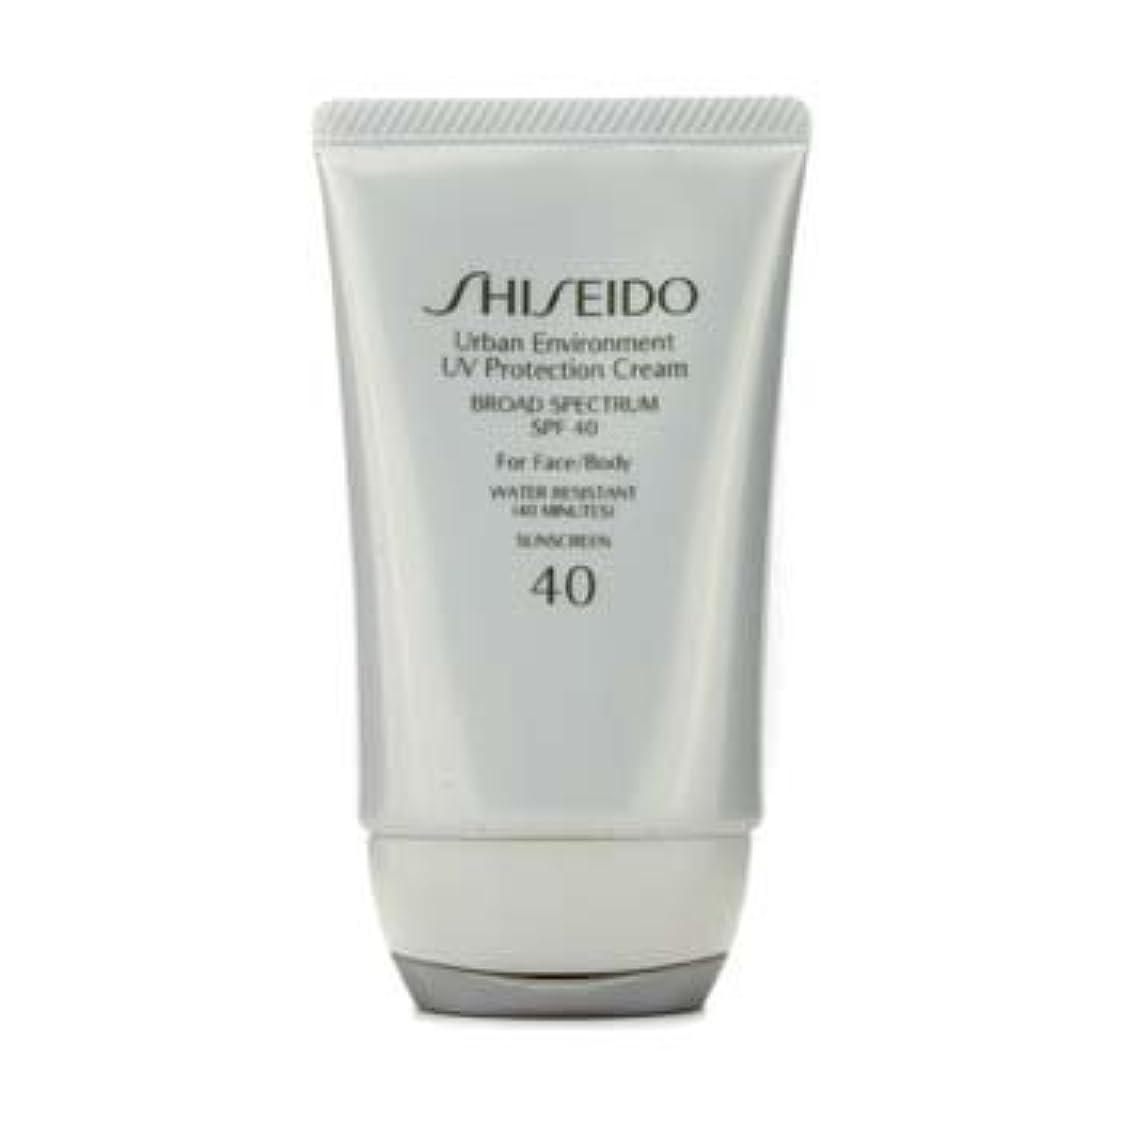 凶暴なほとんどの場合北西Shiseido Urban Environment UV Protection Cream SPF 40 (For Face & Body) - 50ml/1.9oz by Shiseido [並行輸入品]